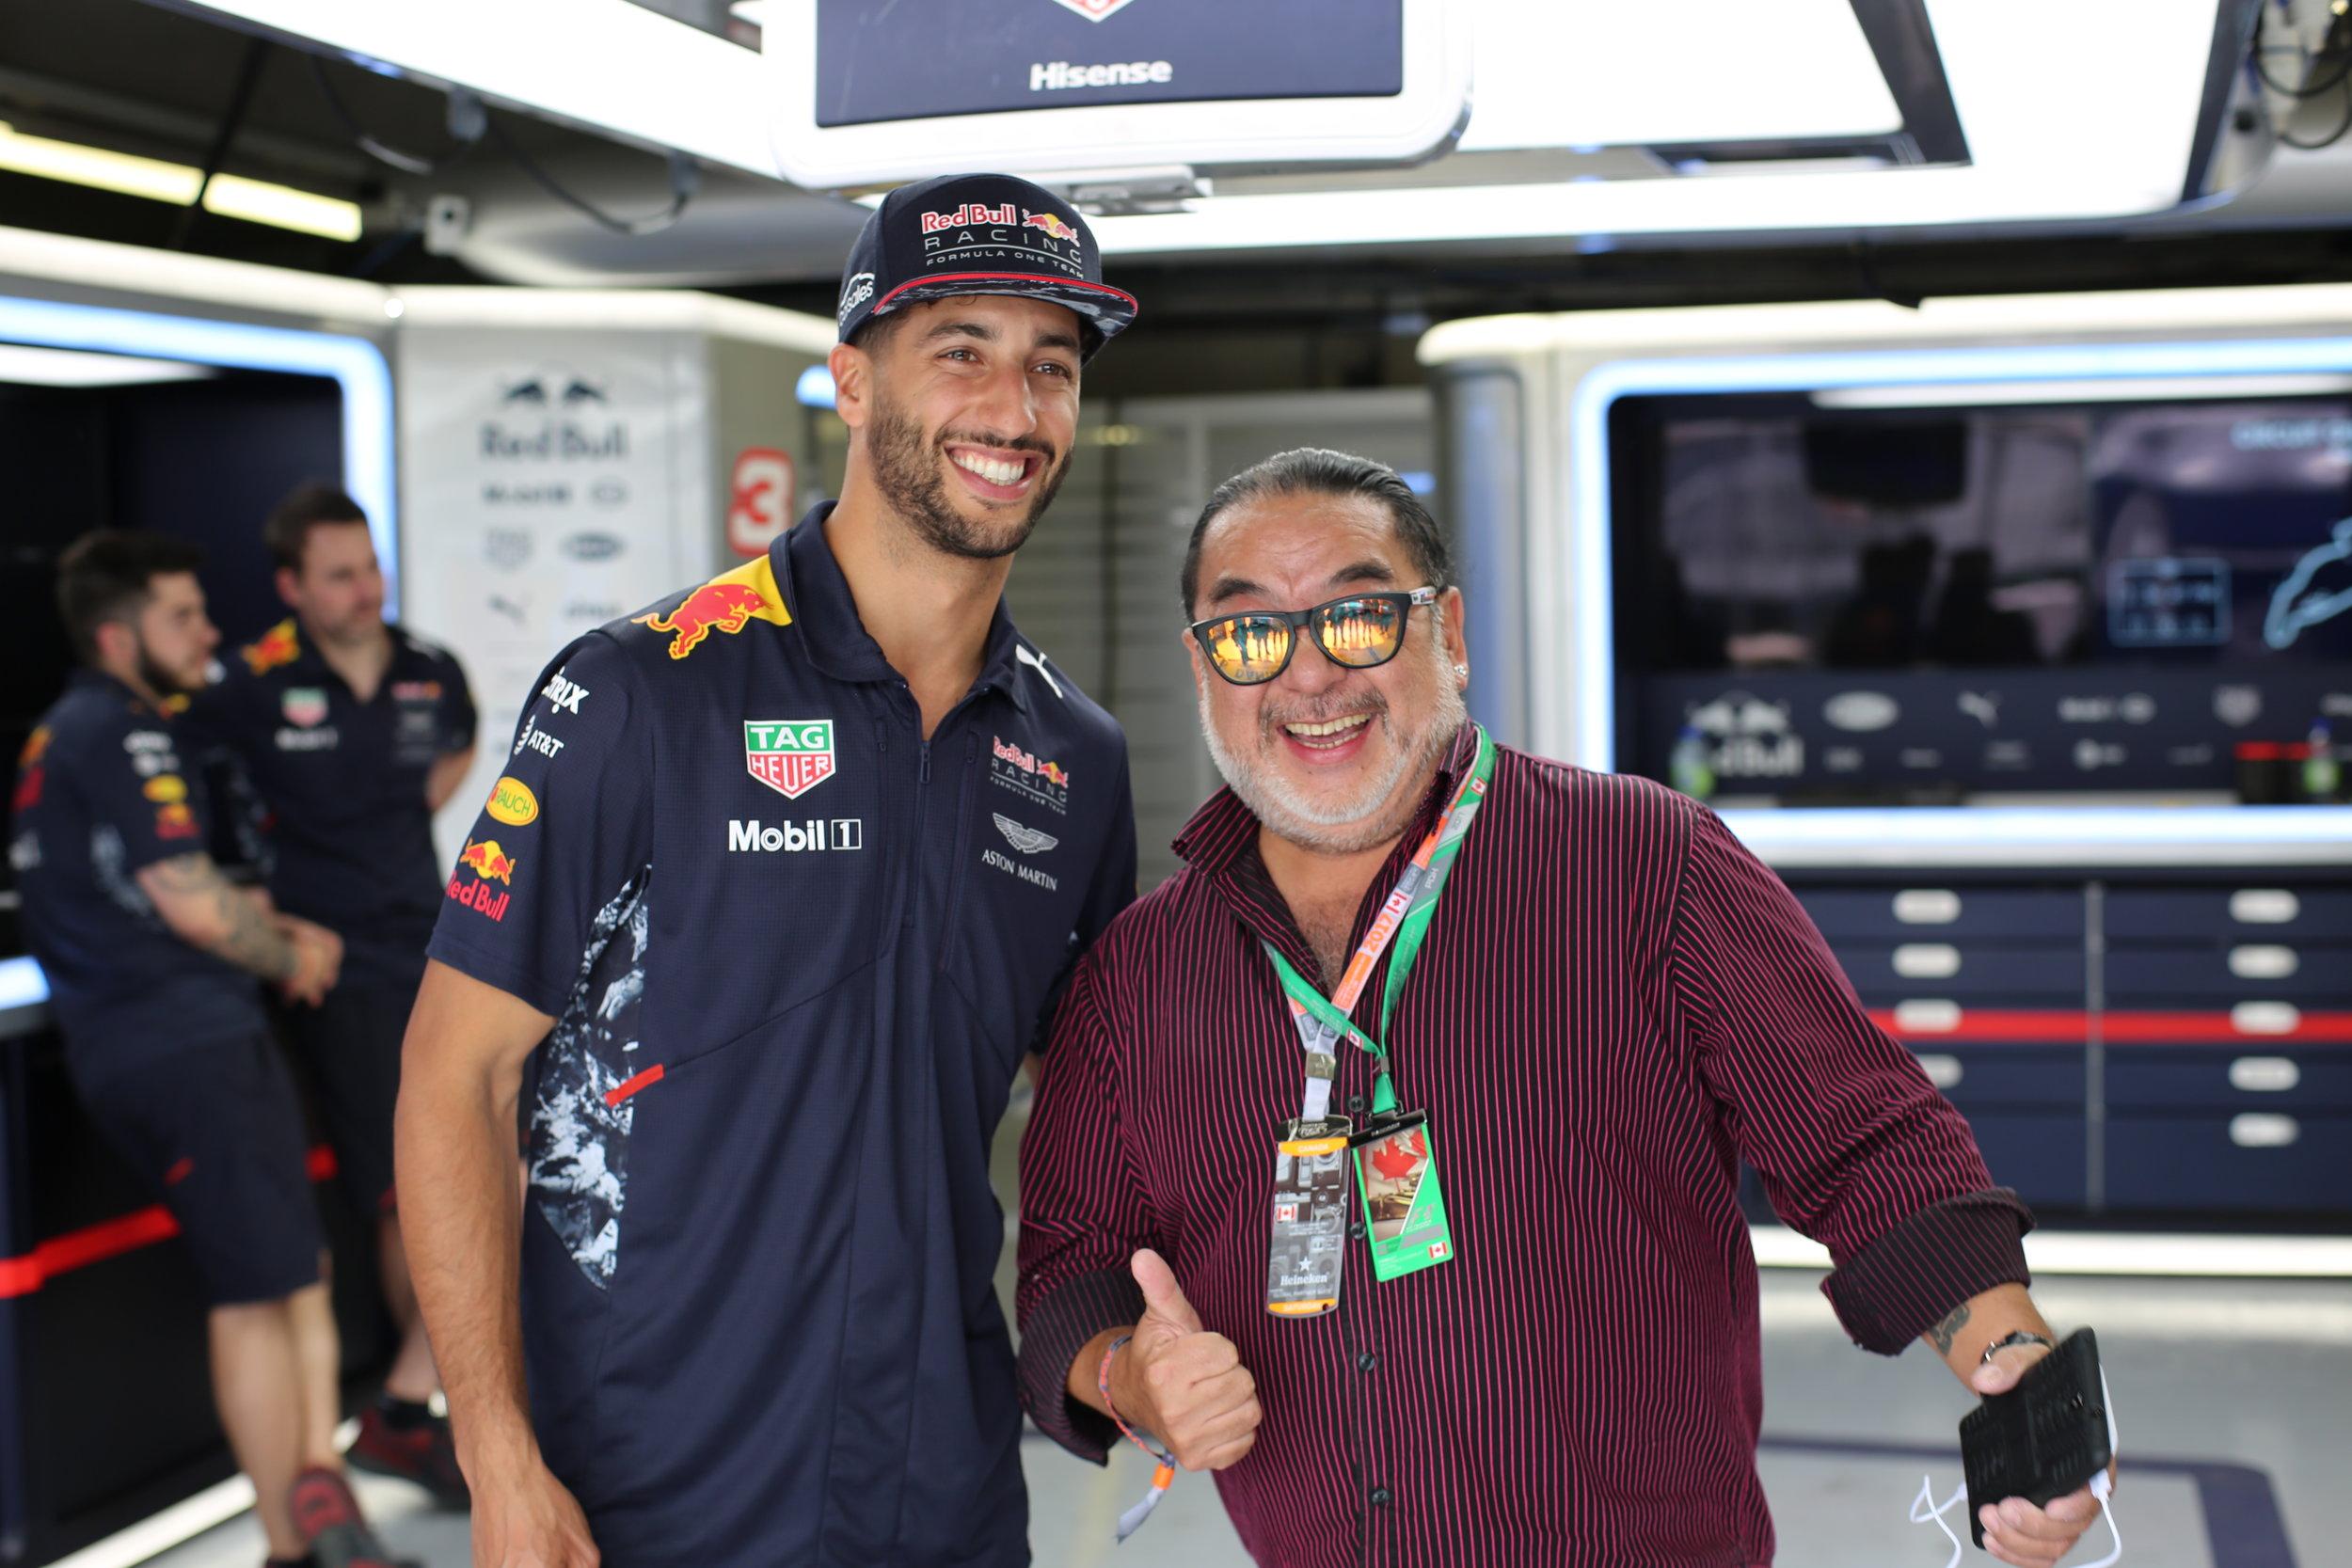 同行的資深賽車主播 Robin 龔懷主,為我們帶來賽車專業的知識以及F1的相關訊息,第一眼見到Robin主播,我的第一句話就是:以前最喜歡看你播摔角!(來亂的XD)